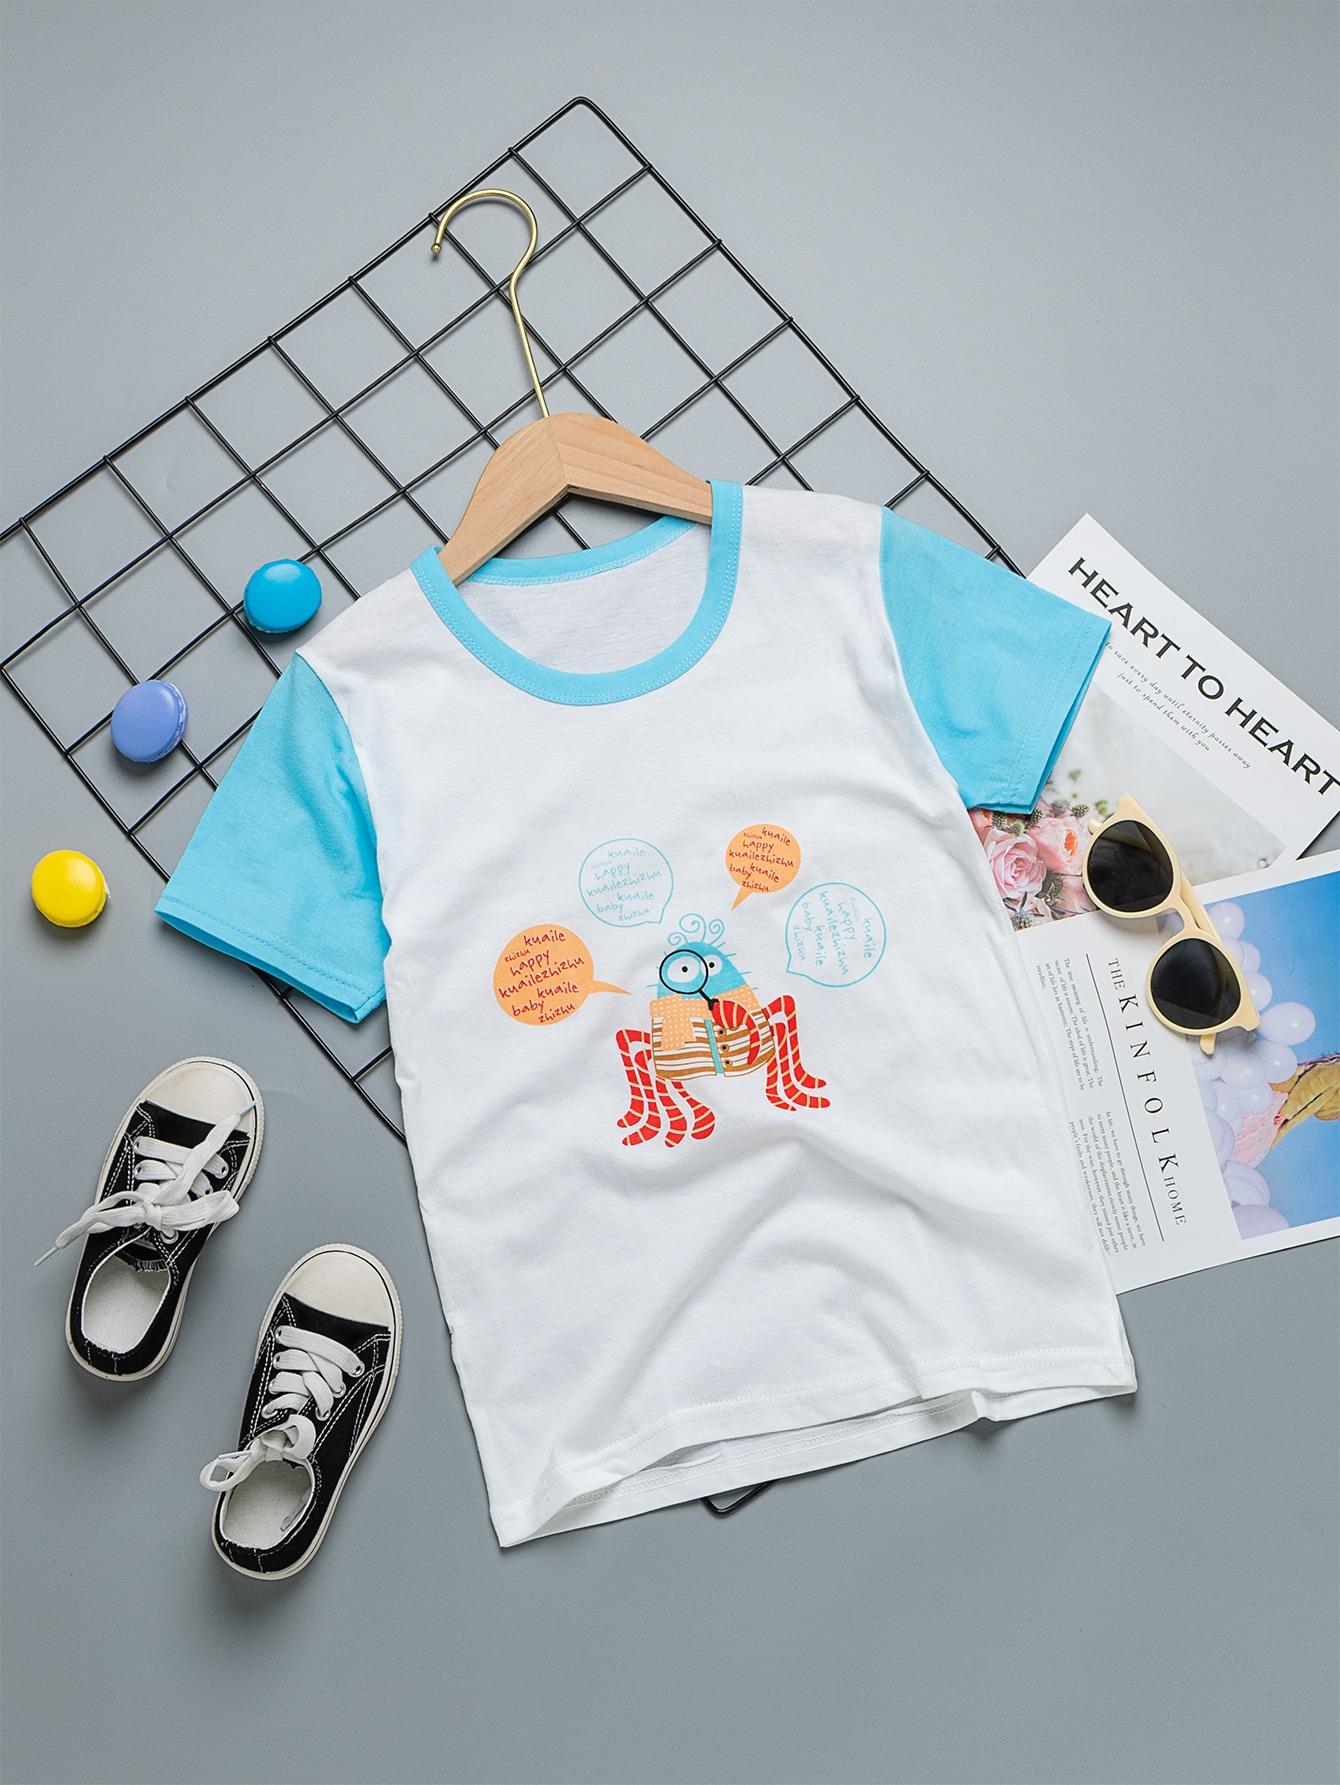 Футболка с текстовым принтом для мальчиковsktee03200504189